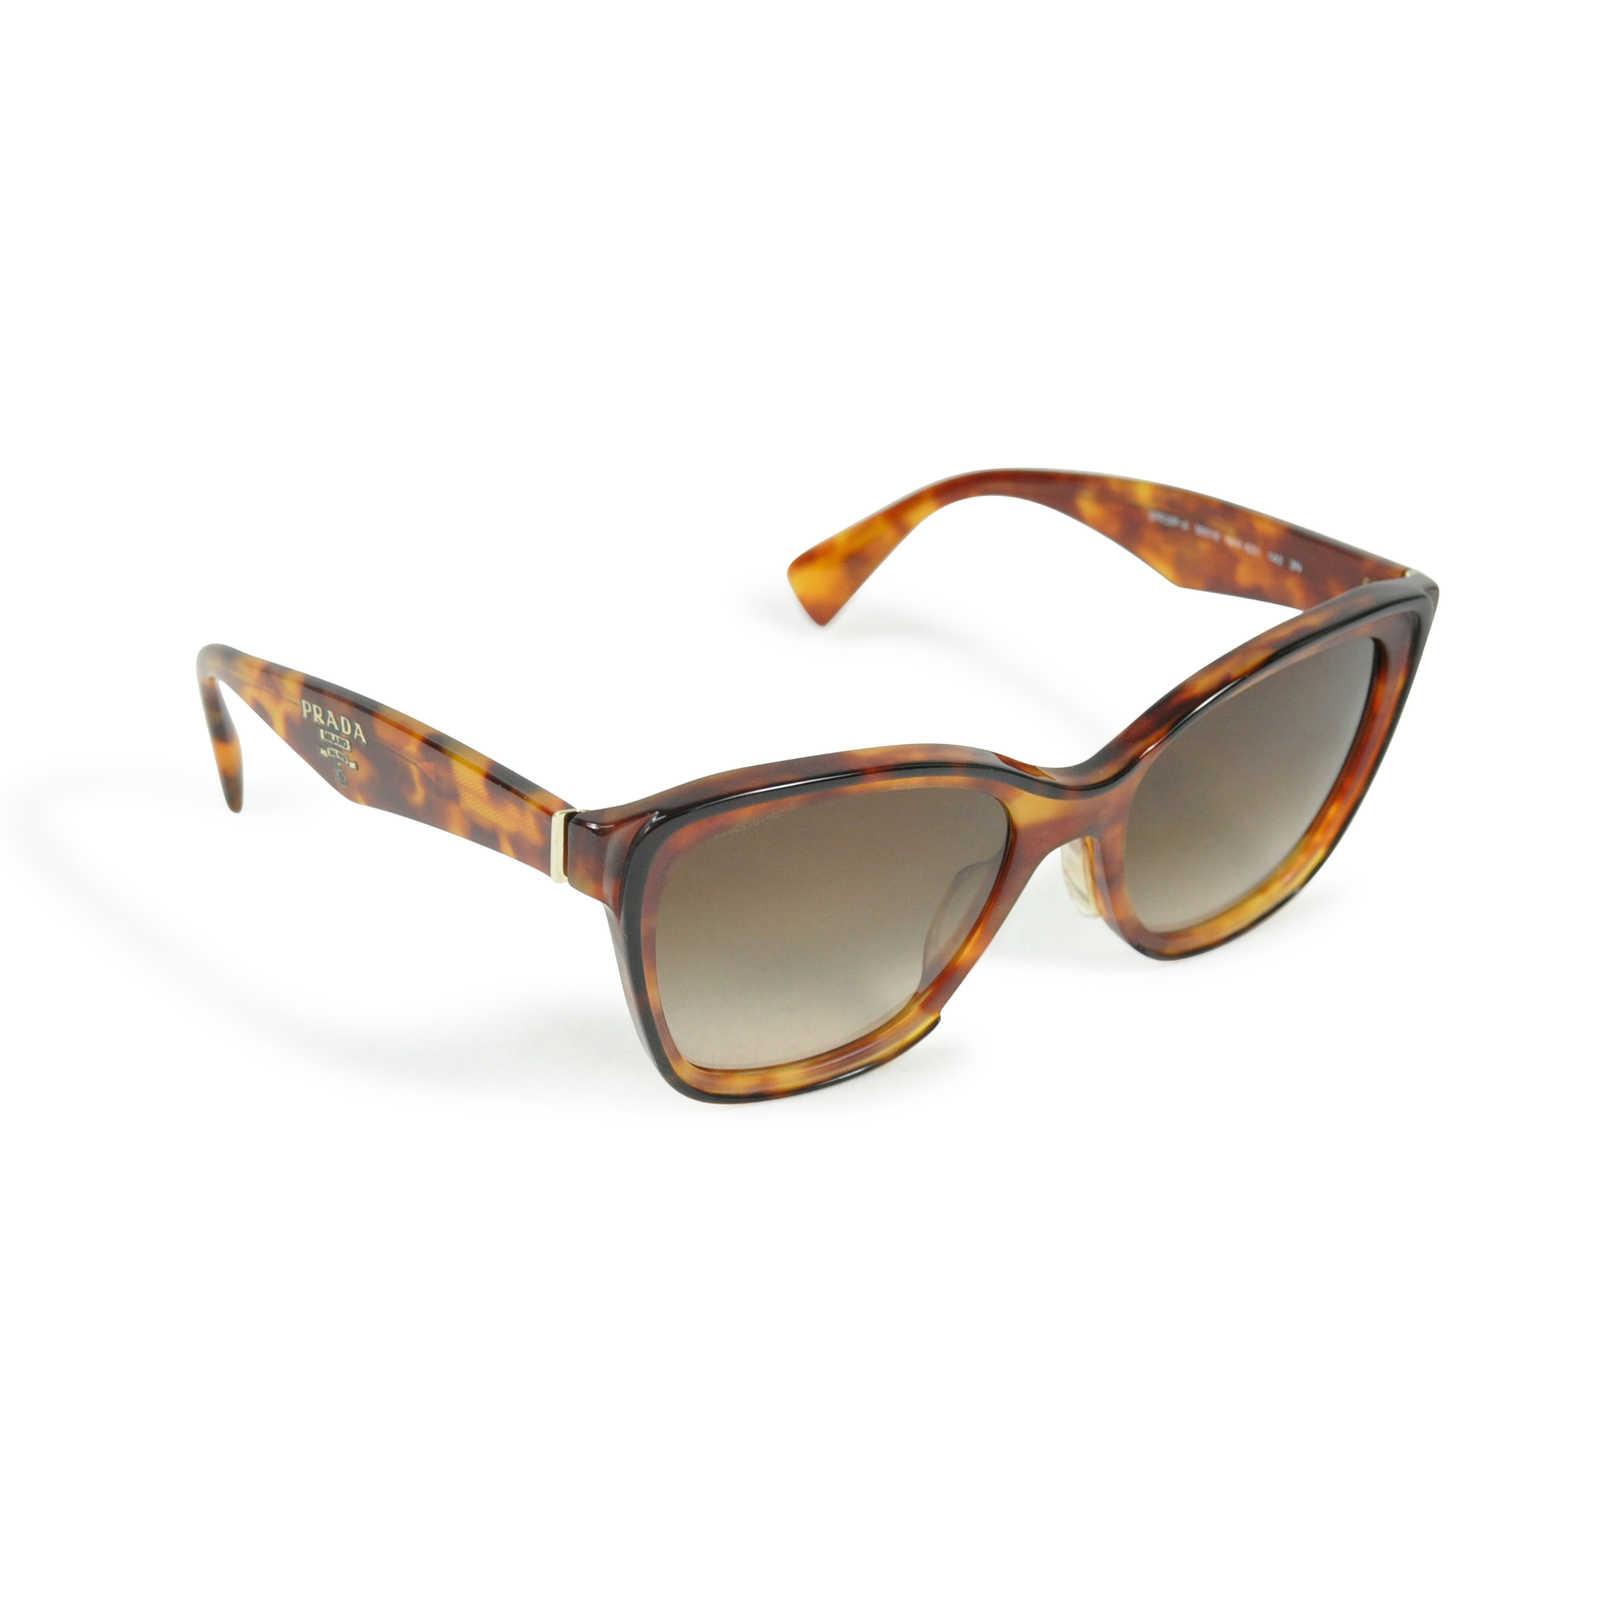 6031f56693e Prada Tortoise Shell Glasses